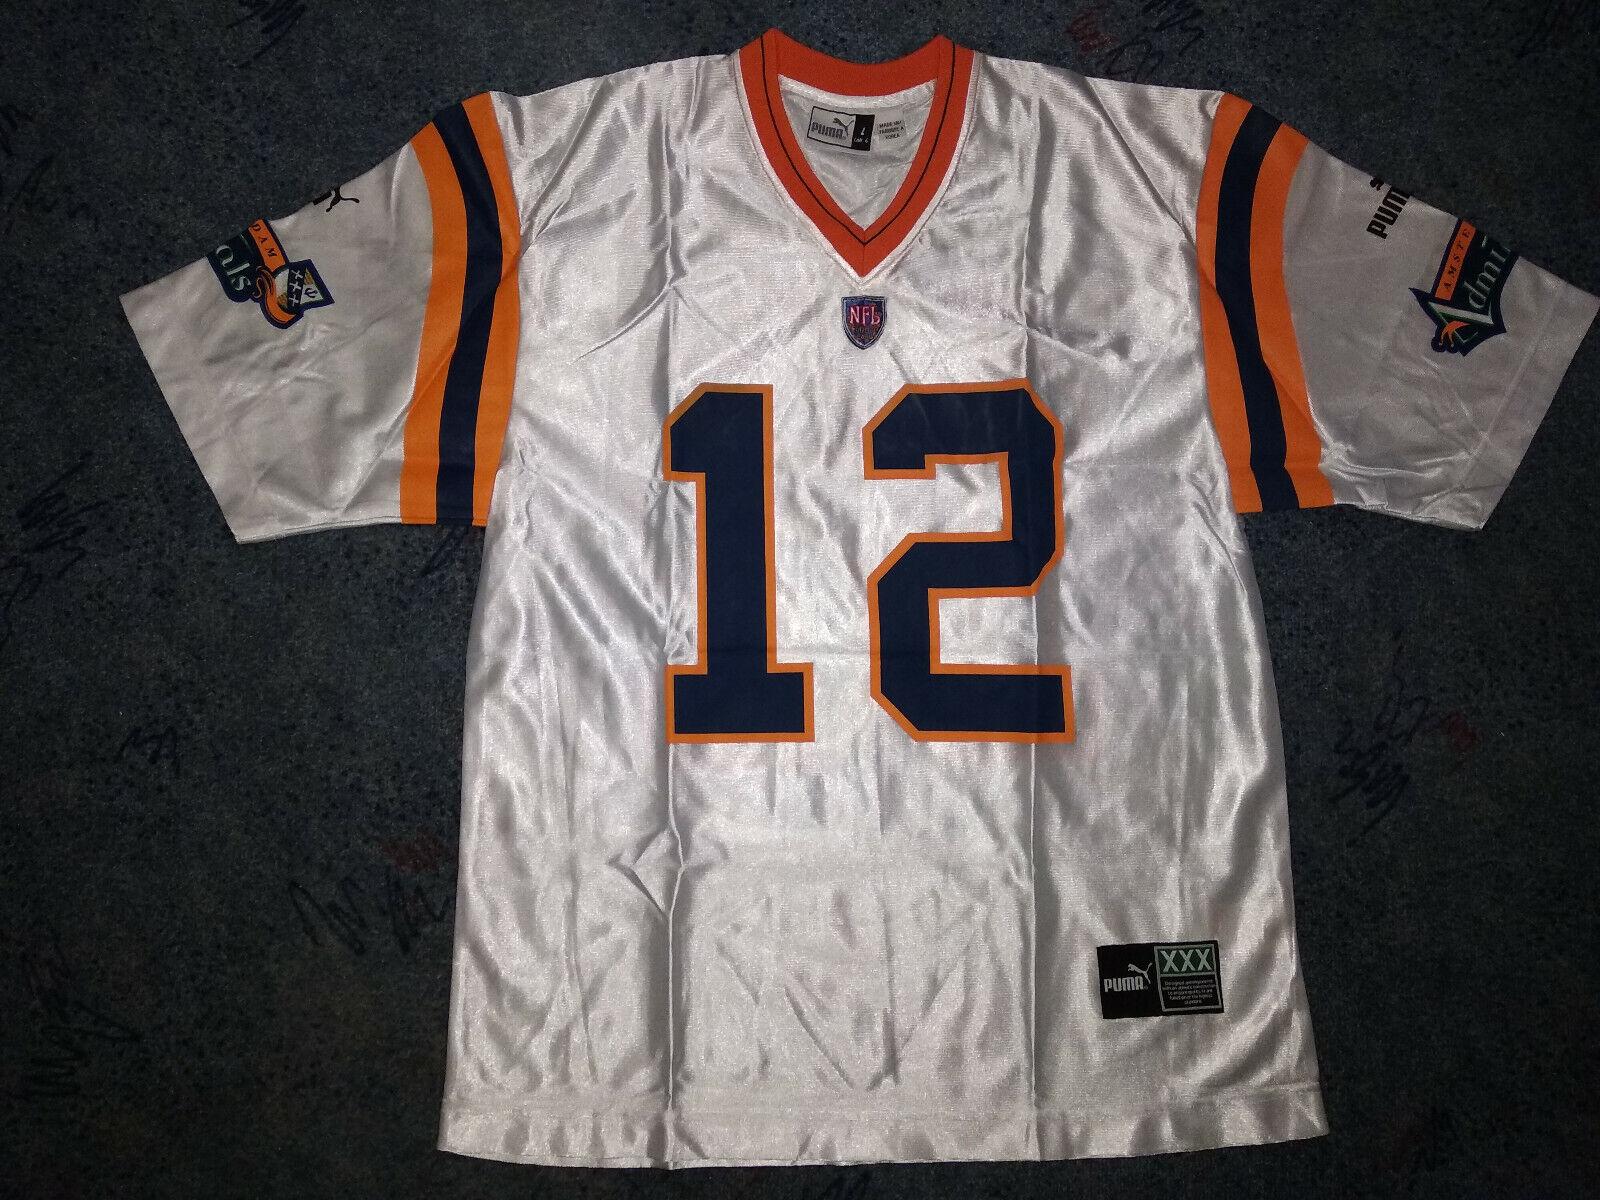 Vintage Puma  12 Amsterdam Admirals 1999 NFL Trikot Trikot Trikot Silber Gr.L NEU 00e51e